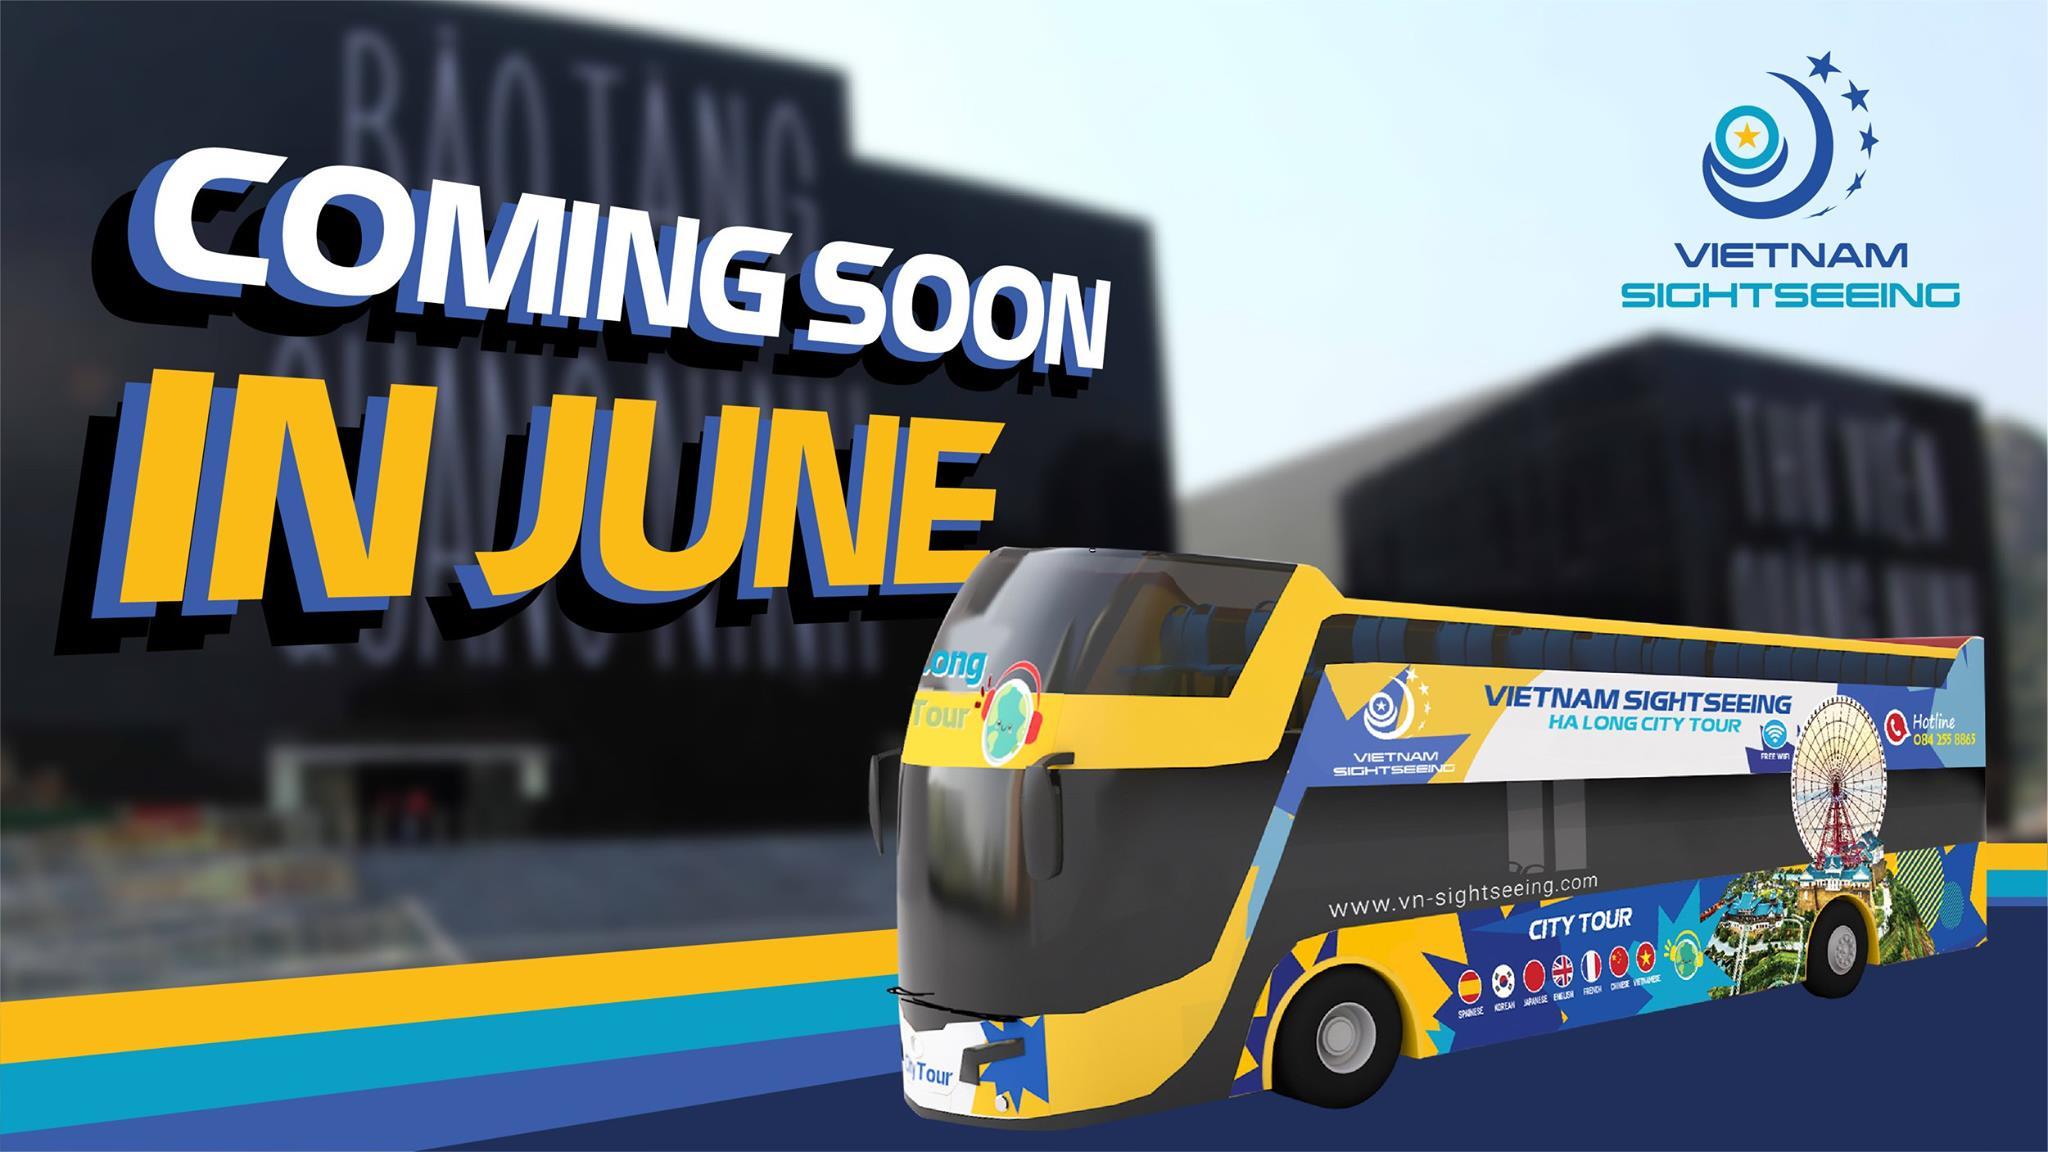 Xe bus 2 tầng ở Hạ Long dự kiến hoạt động từ 15/6